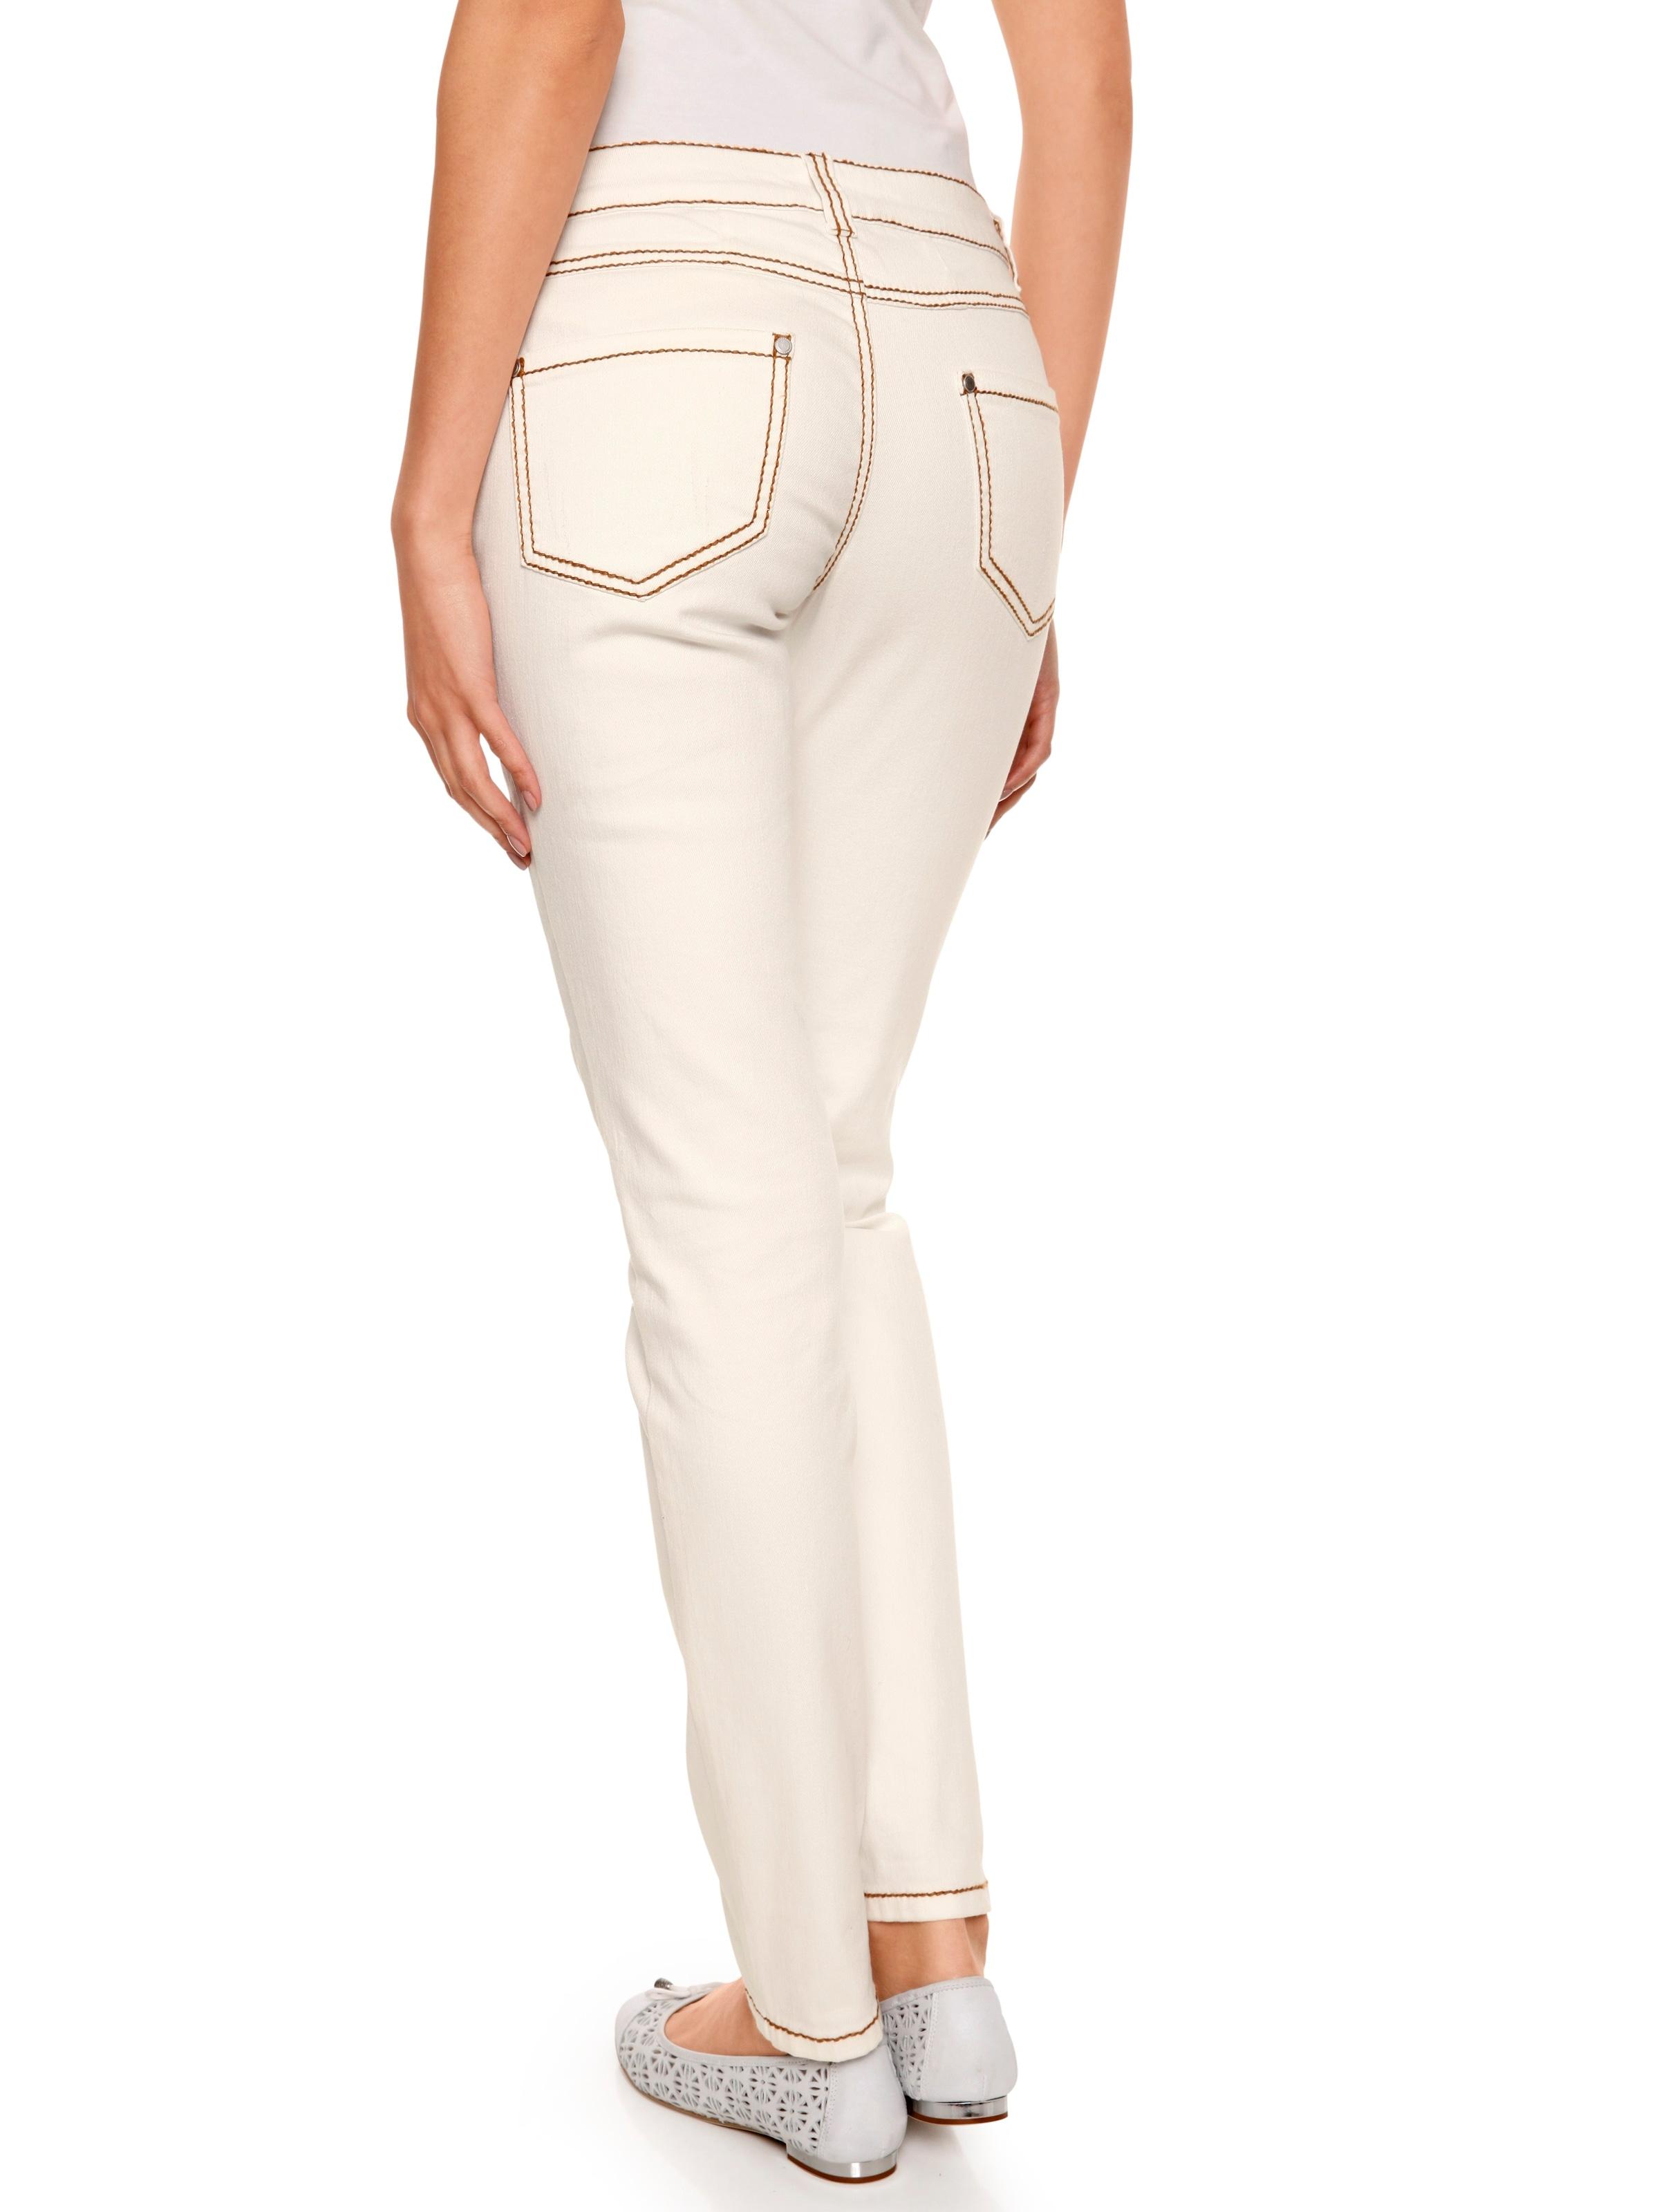 Heine Boyfriend Boyfriend jeans Offwhite In In jeans Boyfriend Heine Offwhite Heine jeans rtQhsdCx